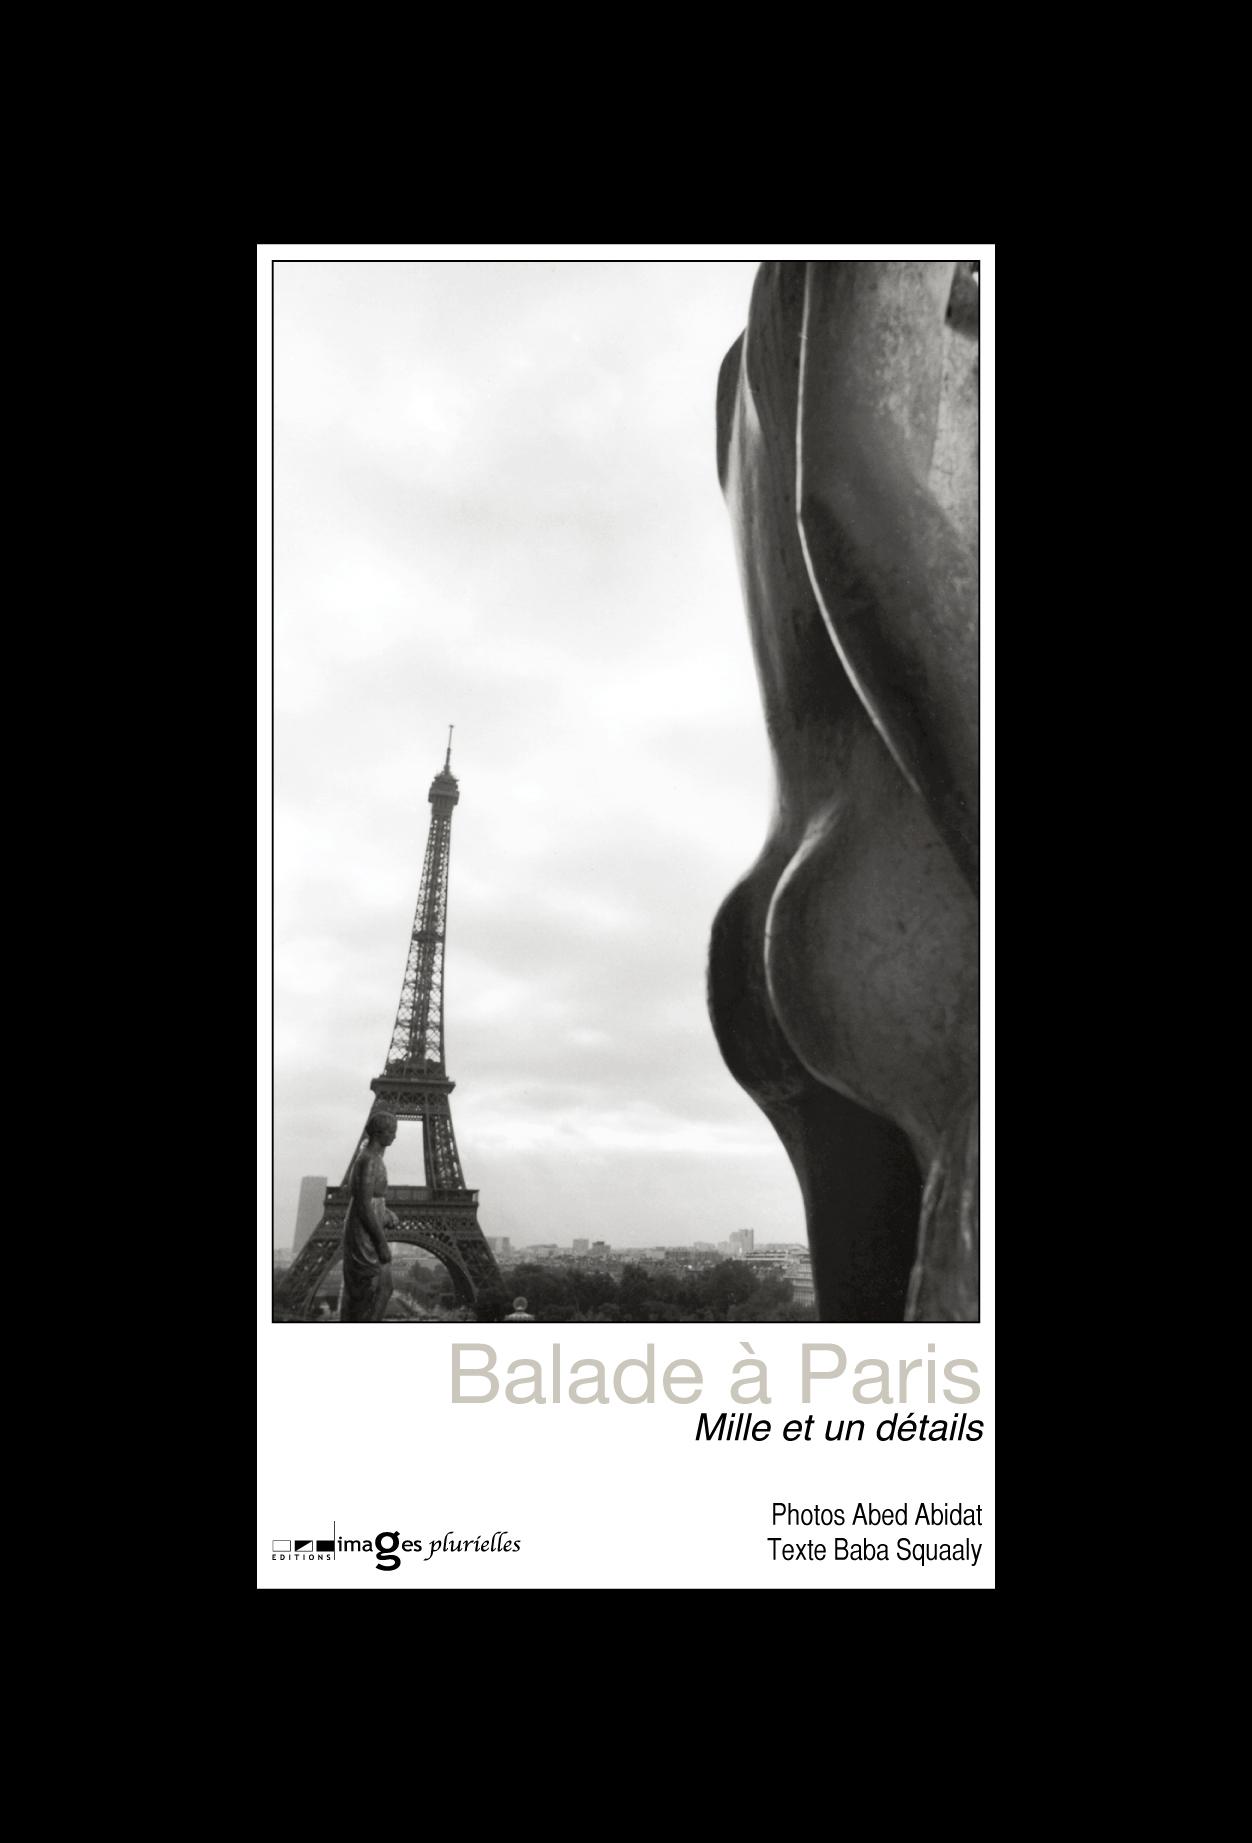 BALADE A PARIS, MILLE ET UN DETAILS